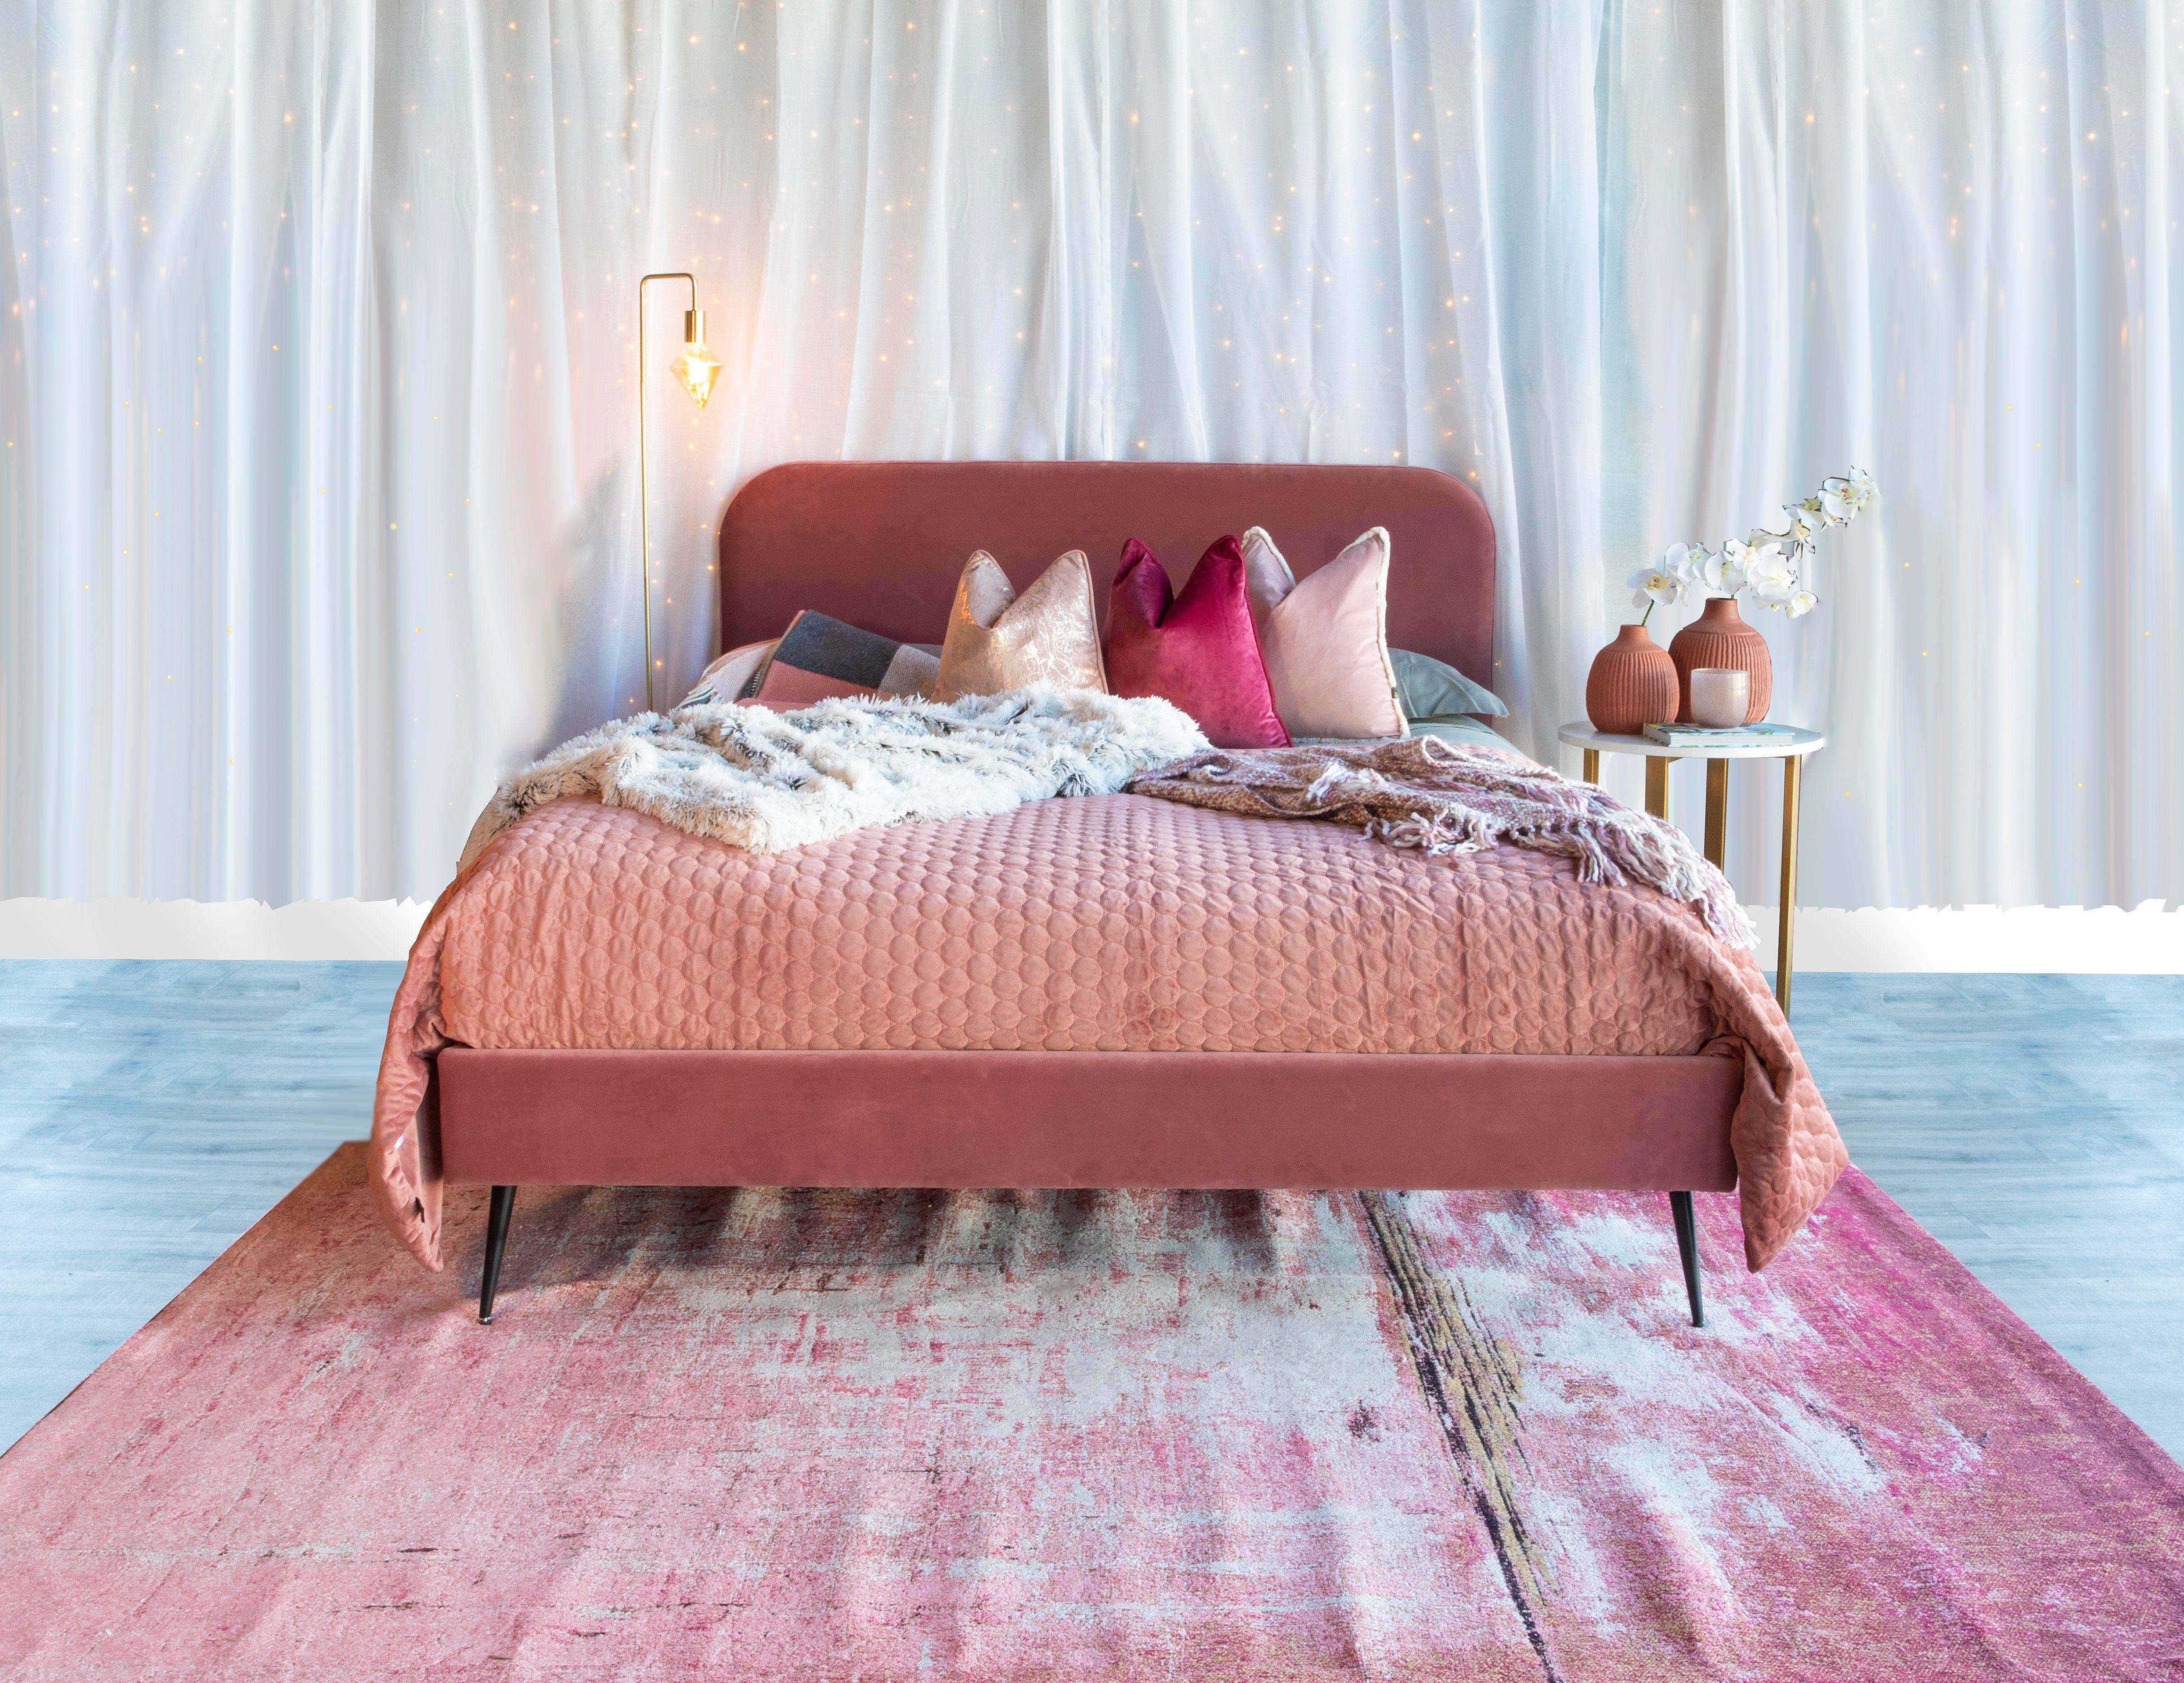 Floyd Blush Pink Velvet 5' Bed Frame in 2020 Pink